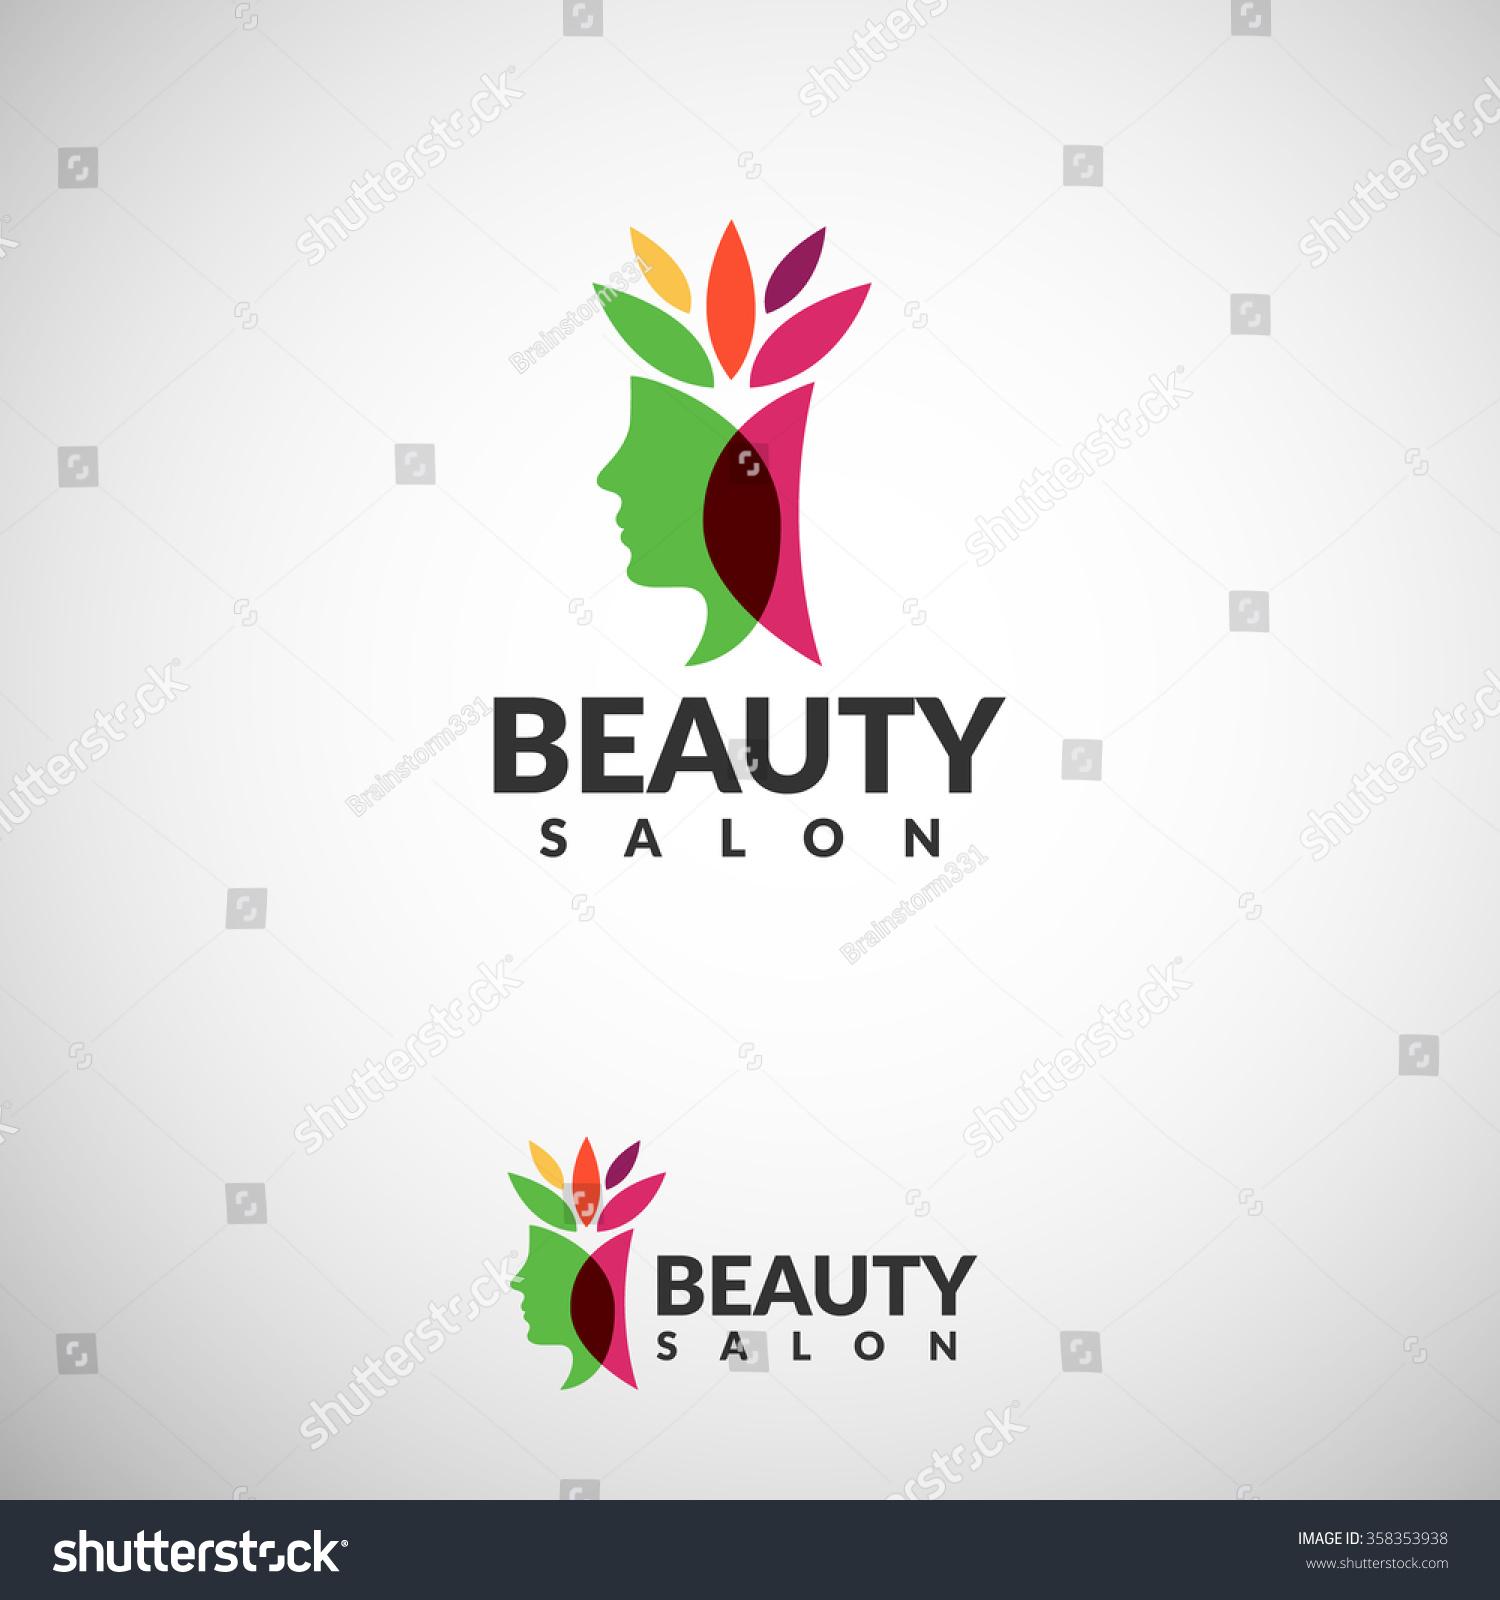 Womans face logo abstract design concept stock vector for Abstract beauty salon